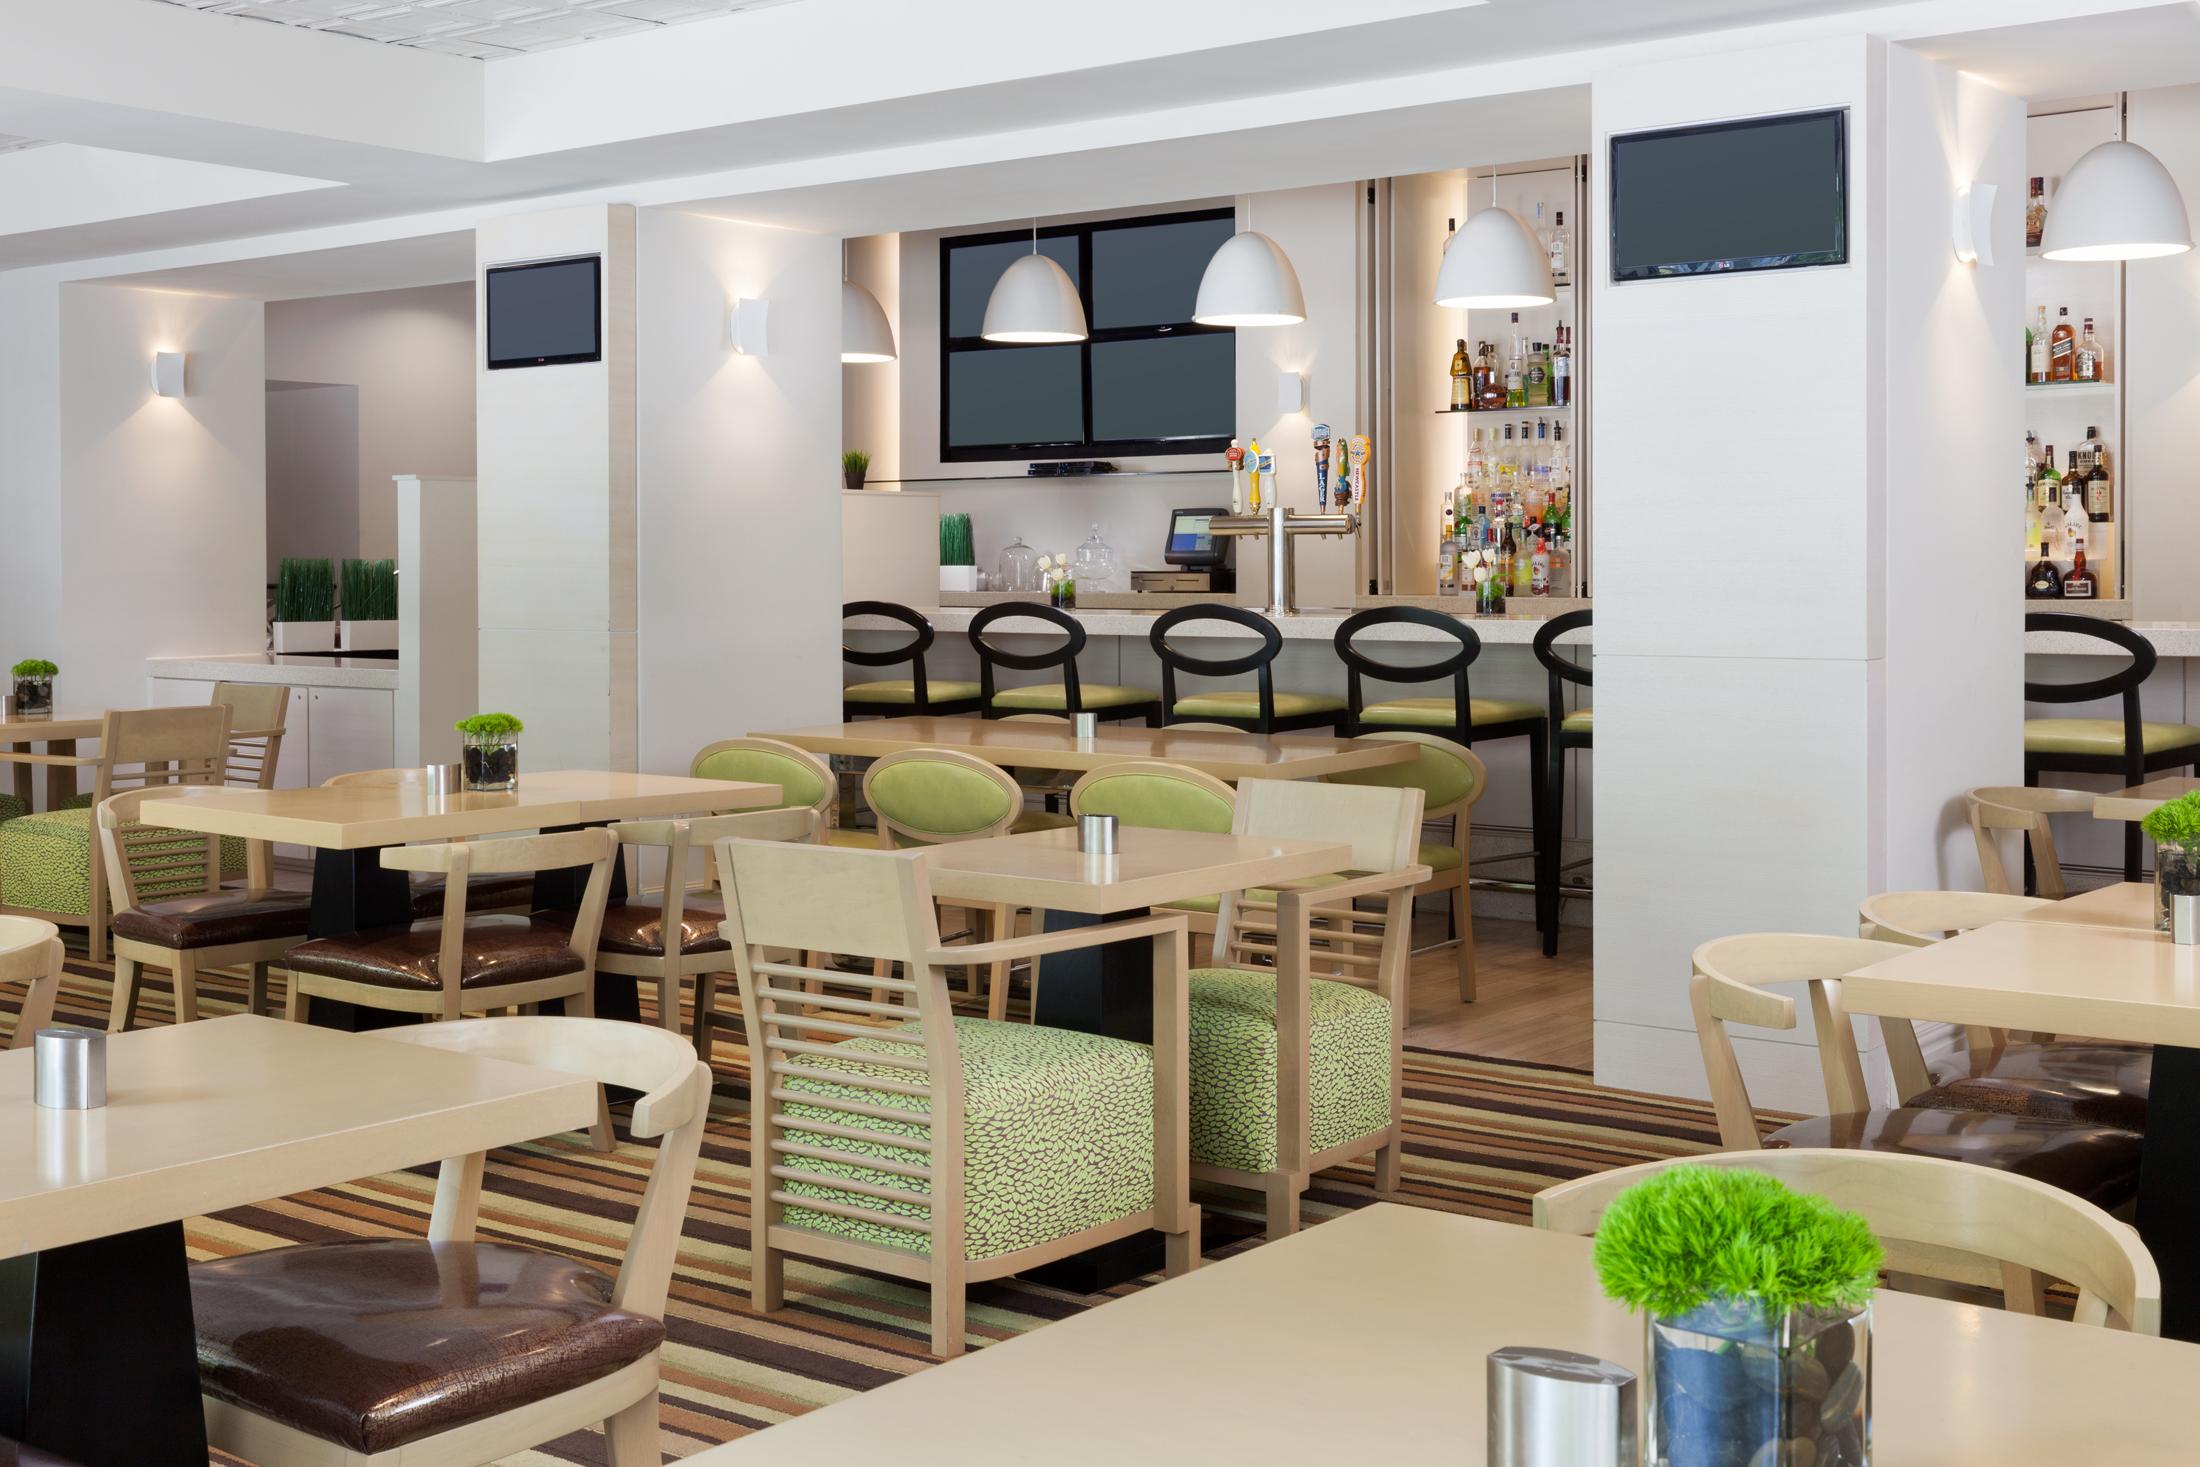 Doubletree by Hilton  Atlanta GA   Back to Portfolios